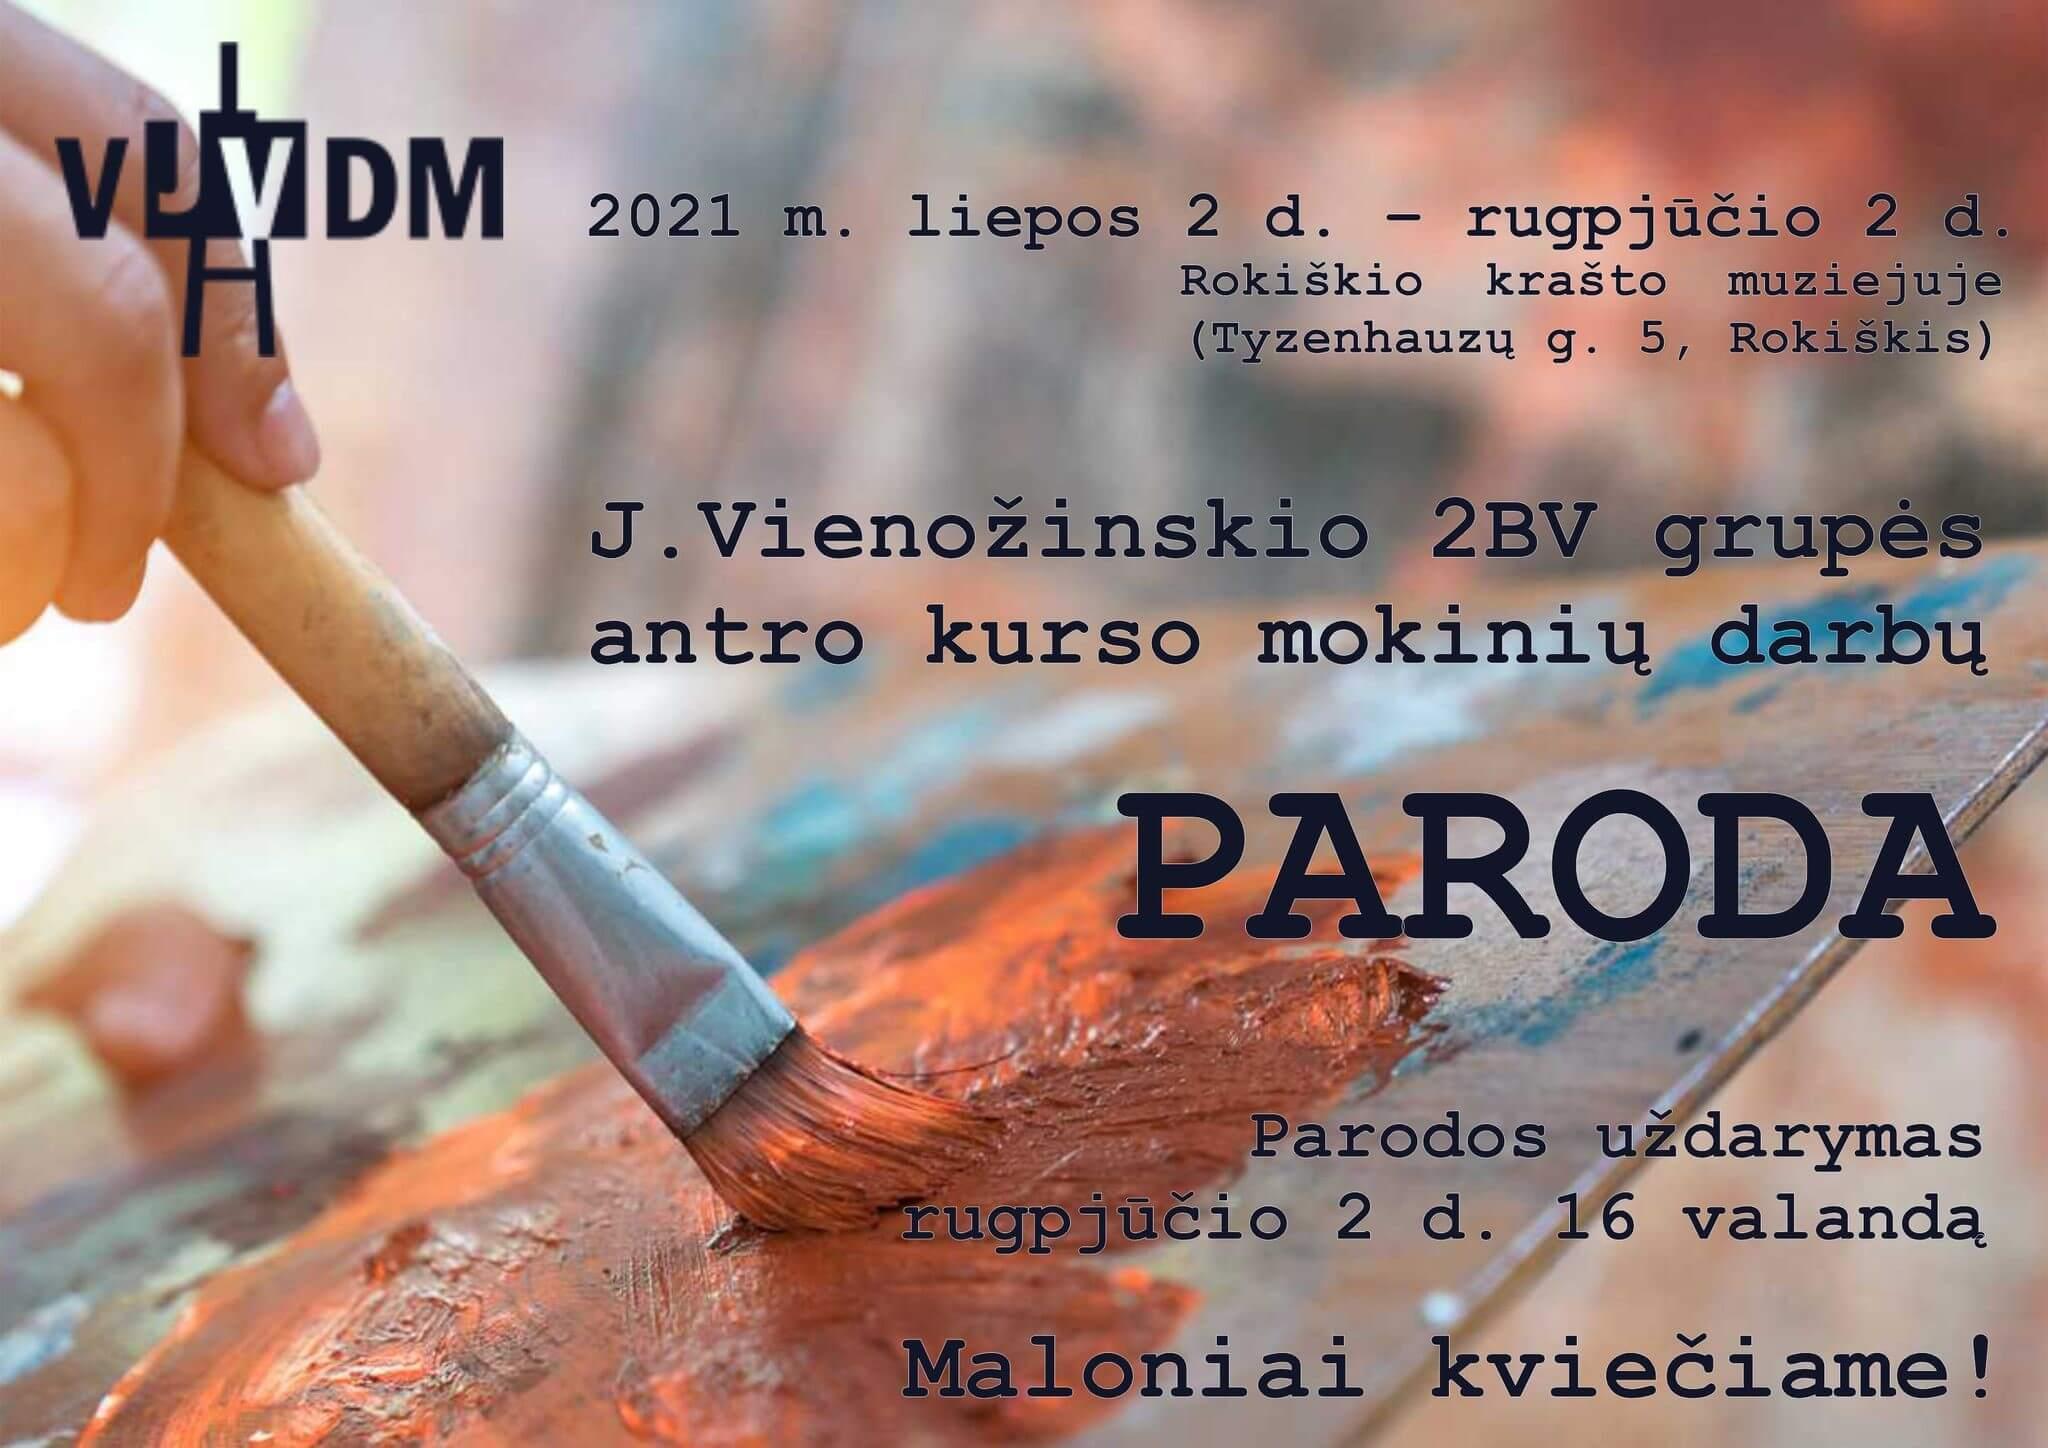 J. Vienožinskio 2BV grupės antro kurso mokinių darbų paroda